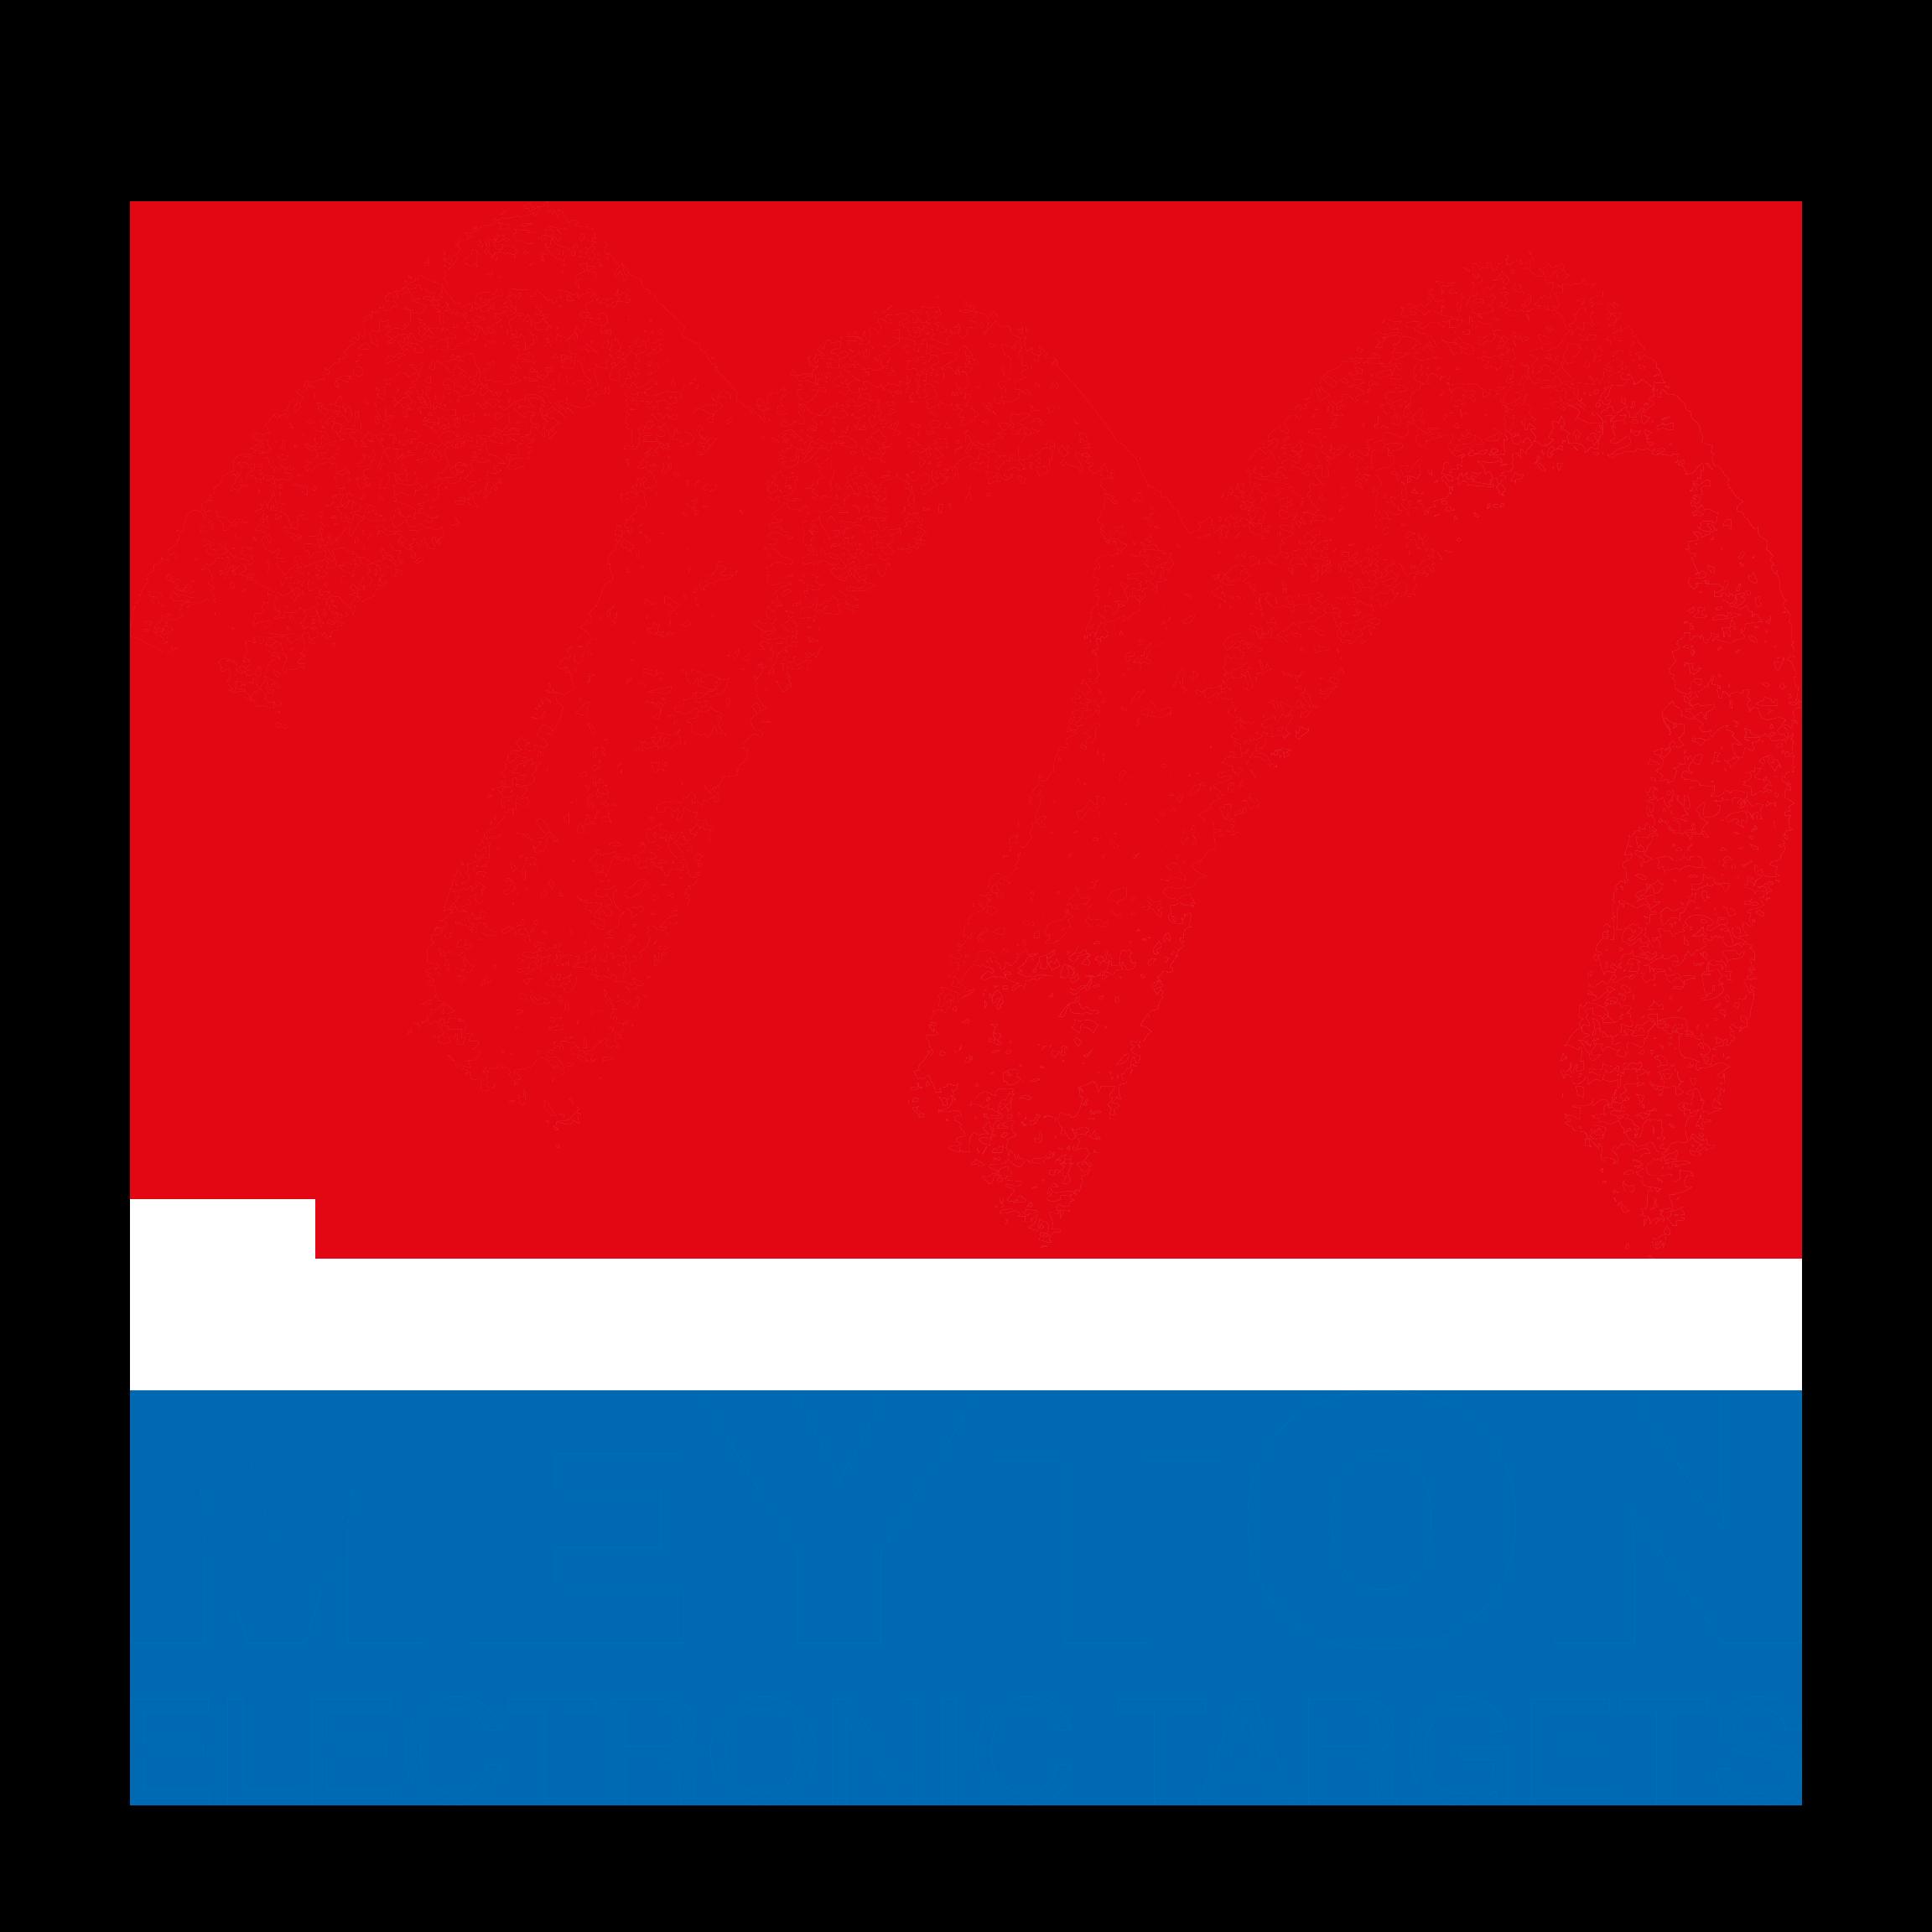 Logo_Meyton.png